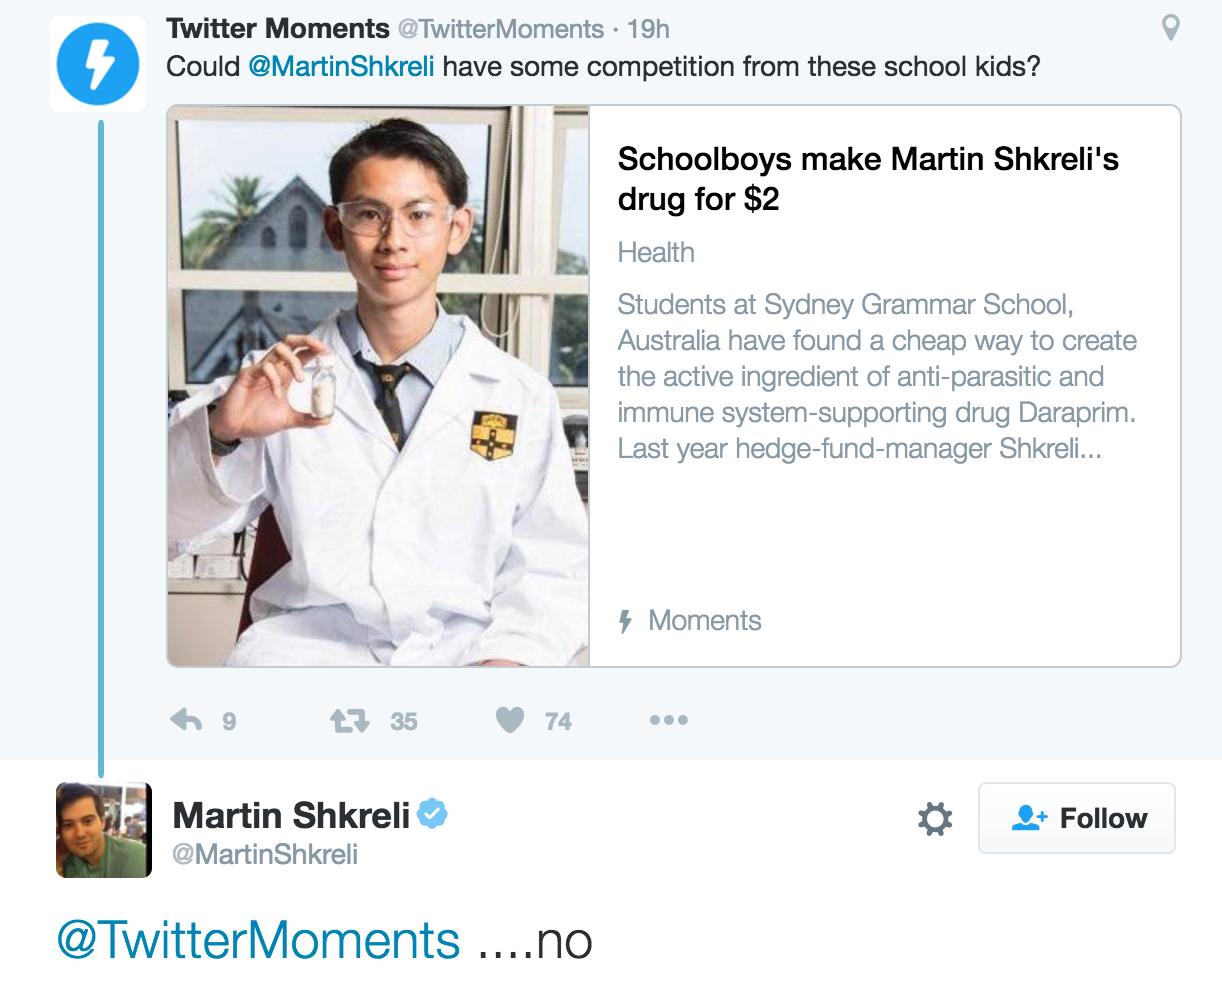 Почему Daraprim австралийских школьников никак не затрагивает Мартина Шкрели - 2